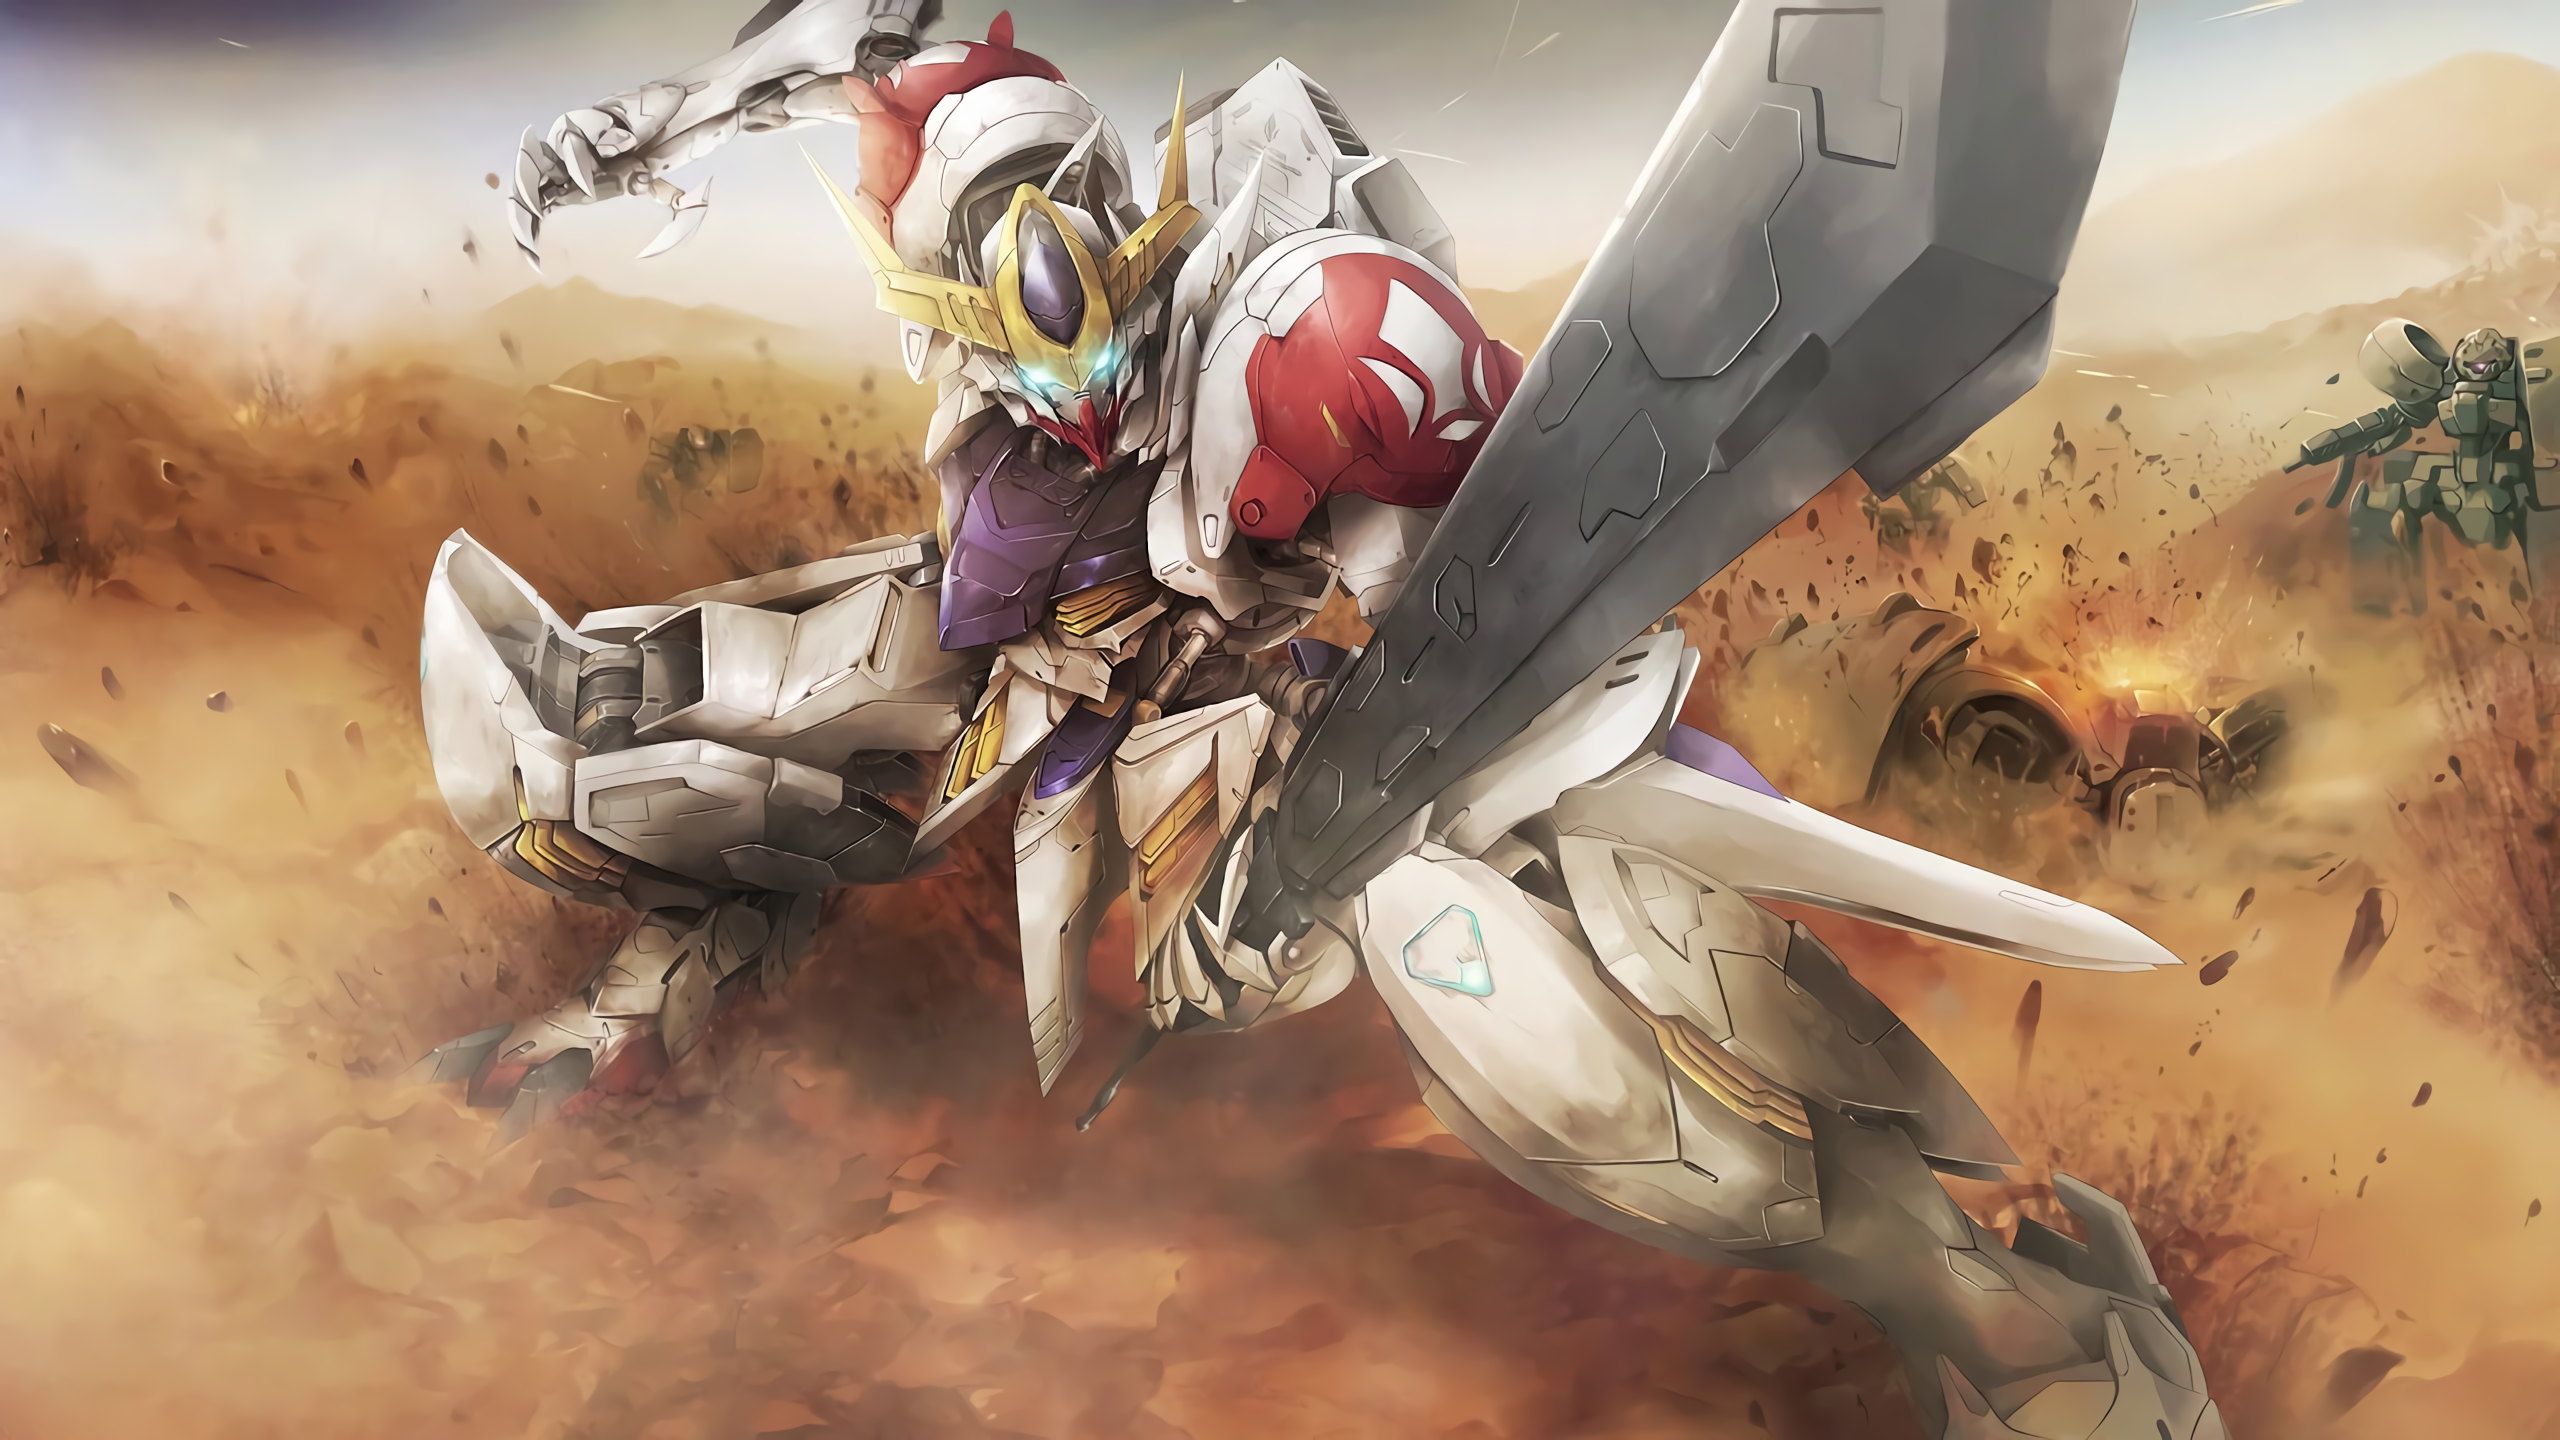 Pin By Irvan Tanjung On Gundam Creative Graphics Gundam Wallpapers Gundam